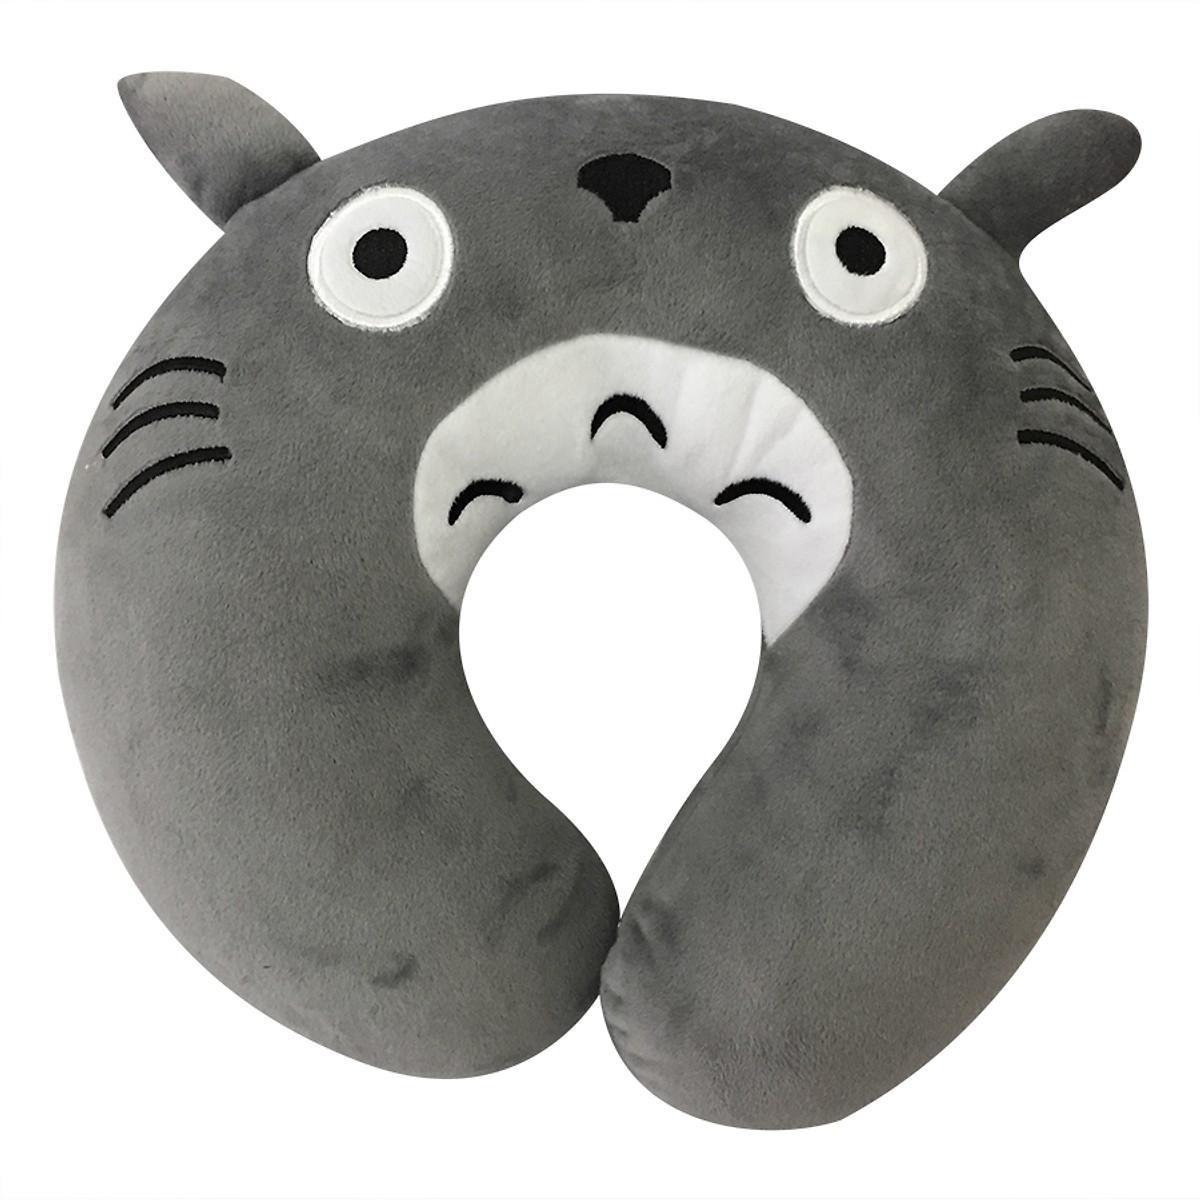 Đánh giá chi tiết Gối Cổ Chữ U Totoro